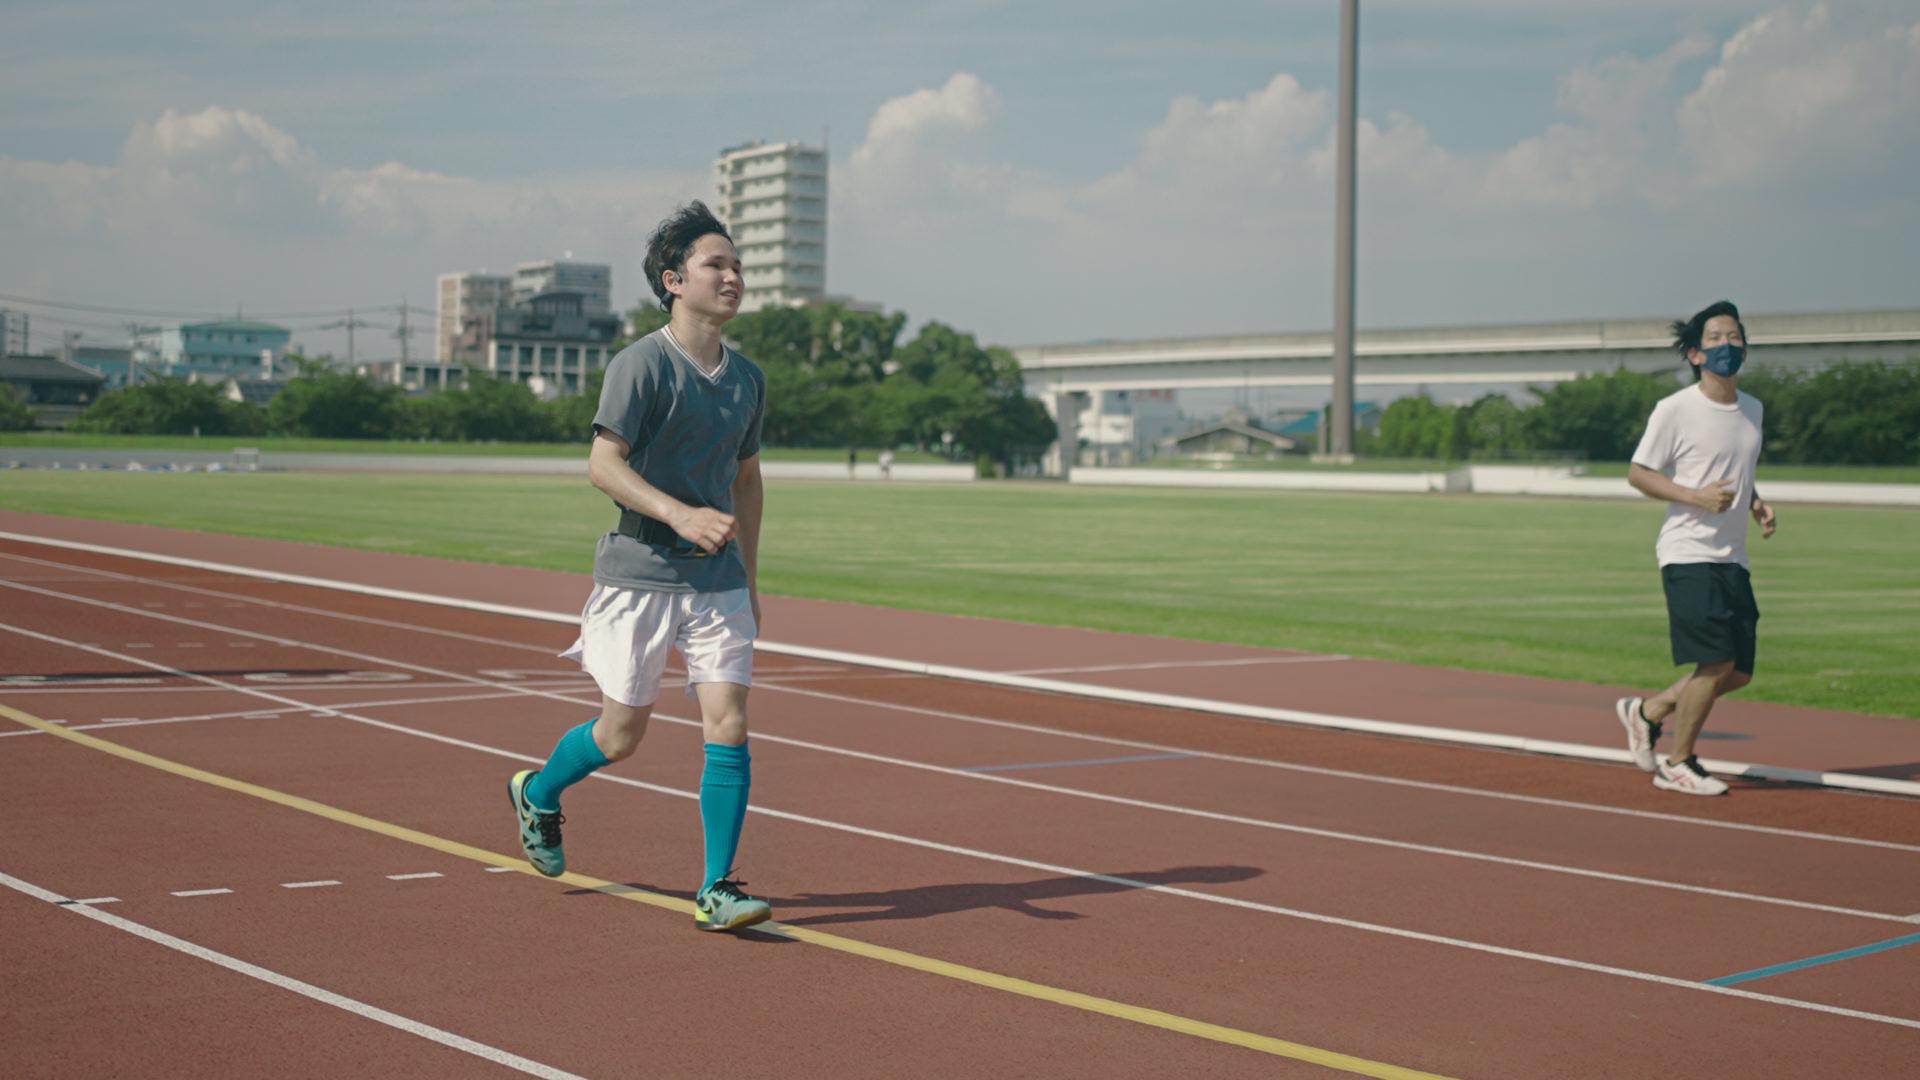 写真:コース上に貼られた黄色いガイドラインのテープに沿って軽やかに走るサッカーのユニフォームを着た男性のテスト走者と、それを見守るスタッフ。